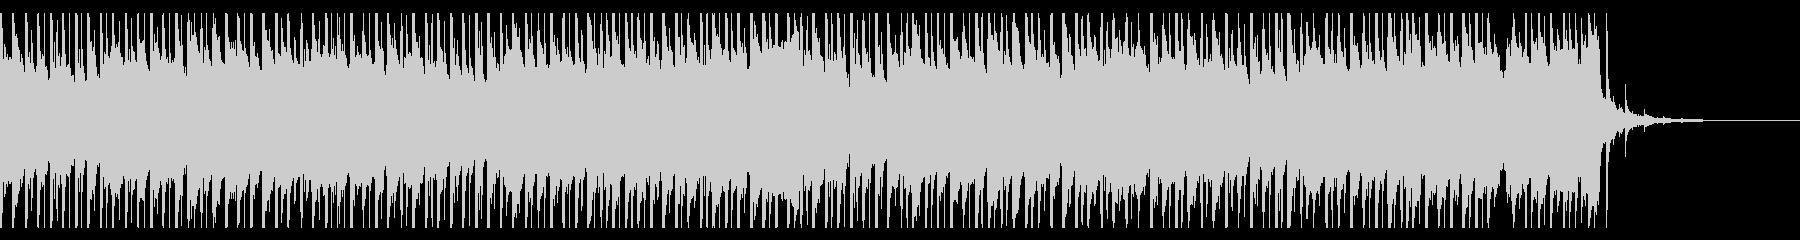 建物の成功(40秒)の未再生の波形